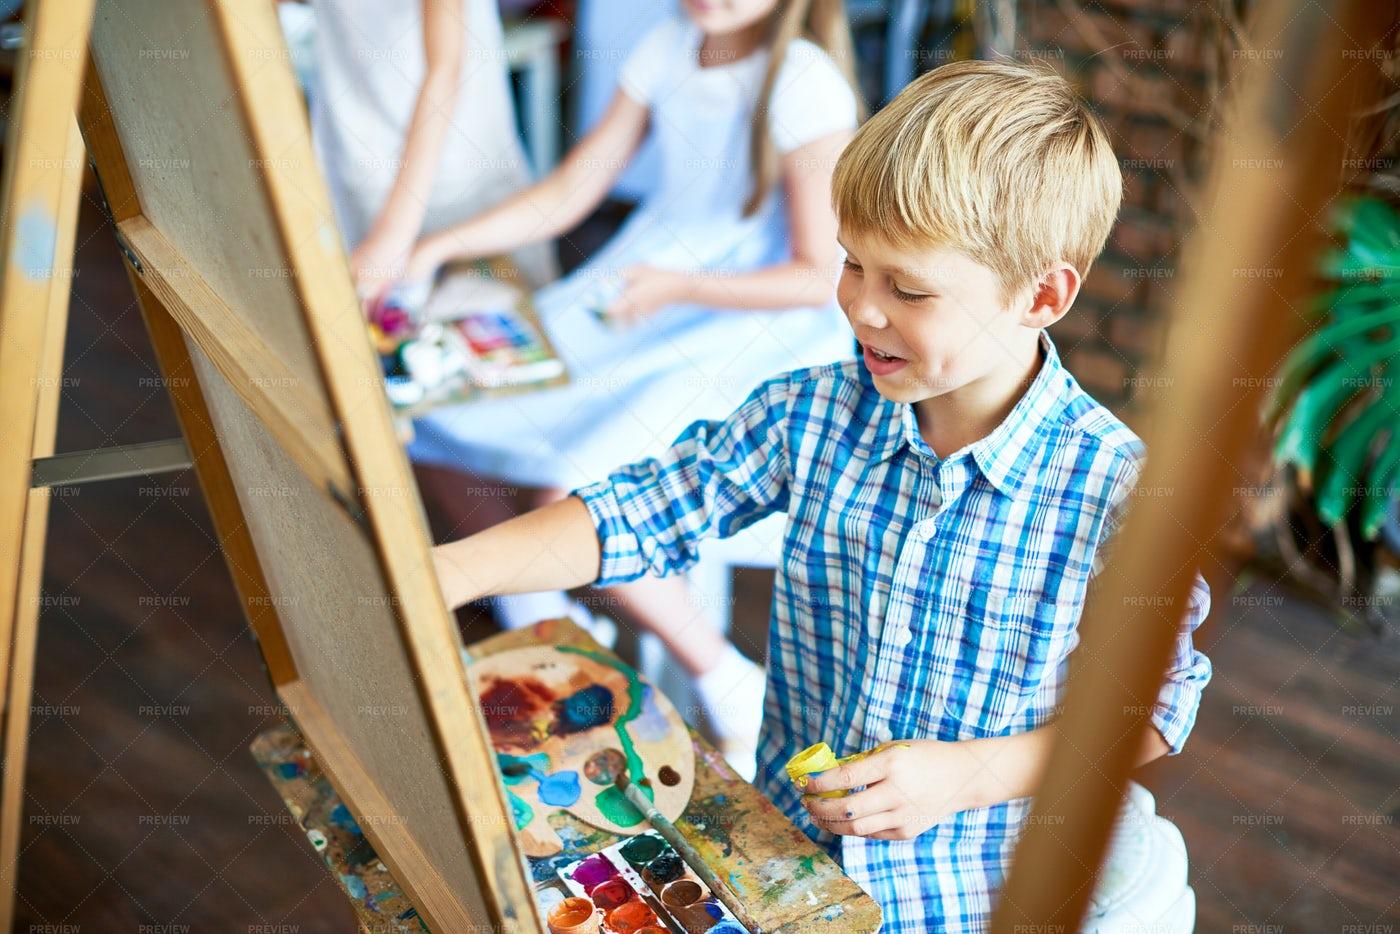 Little Boy Enjoying Art Class: Stock Photos